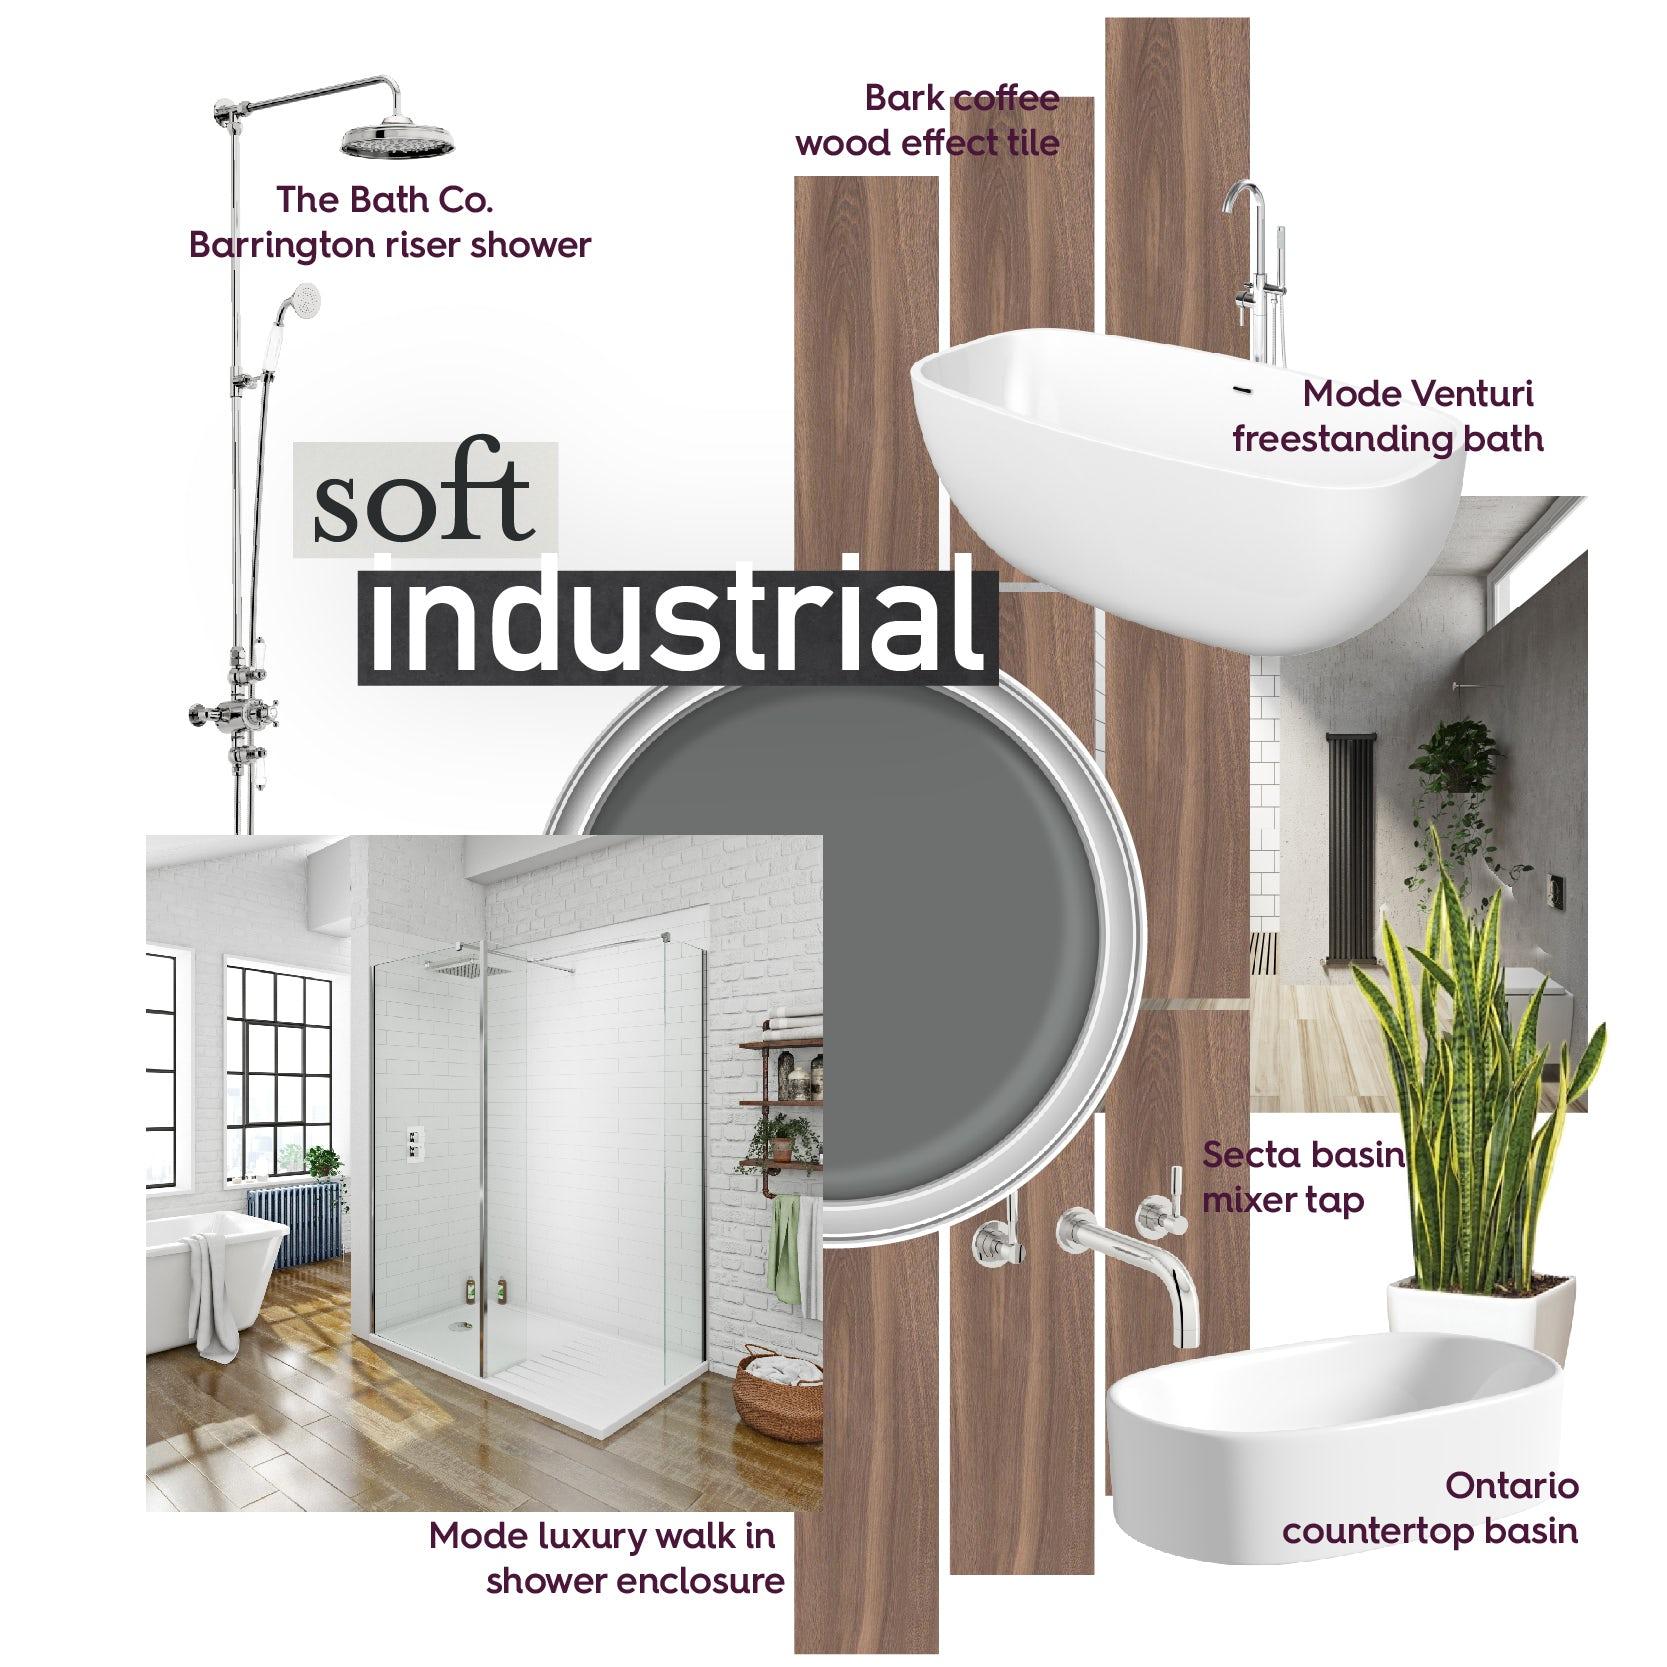 Soft industrial bathroom mood board